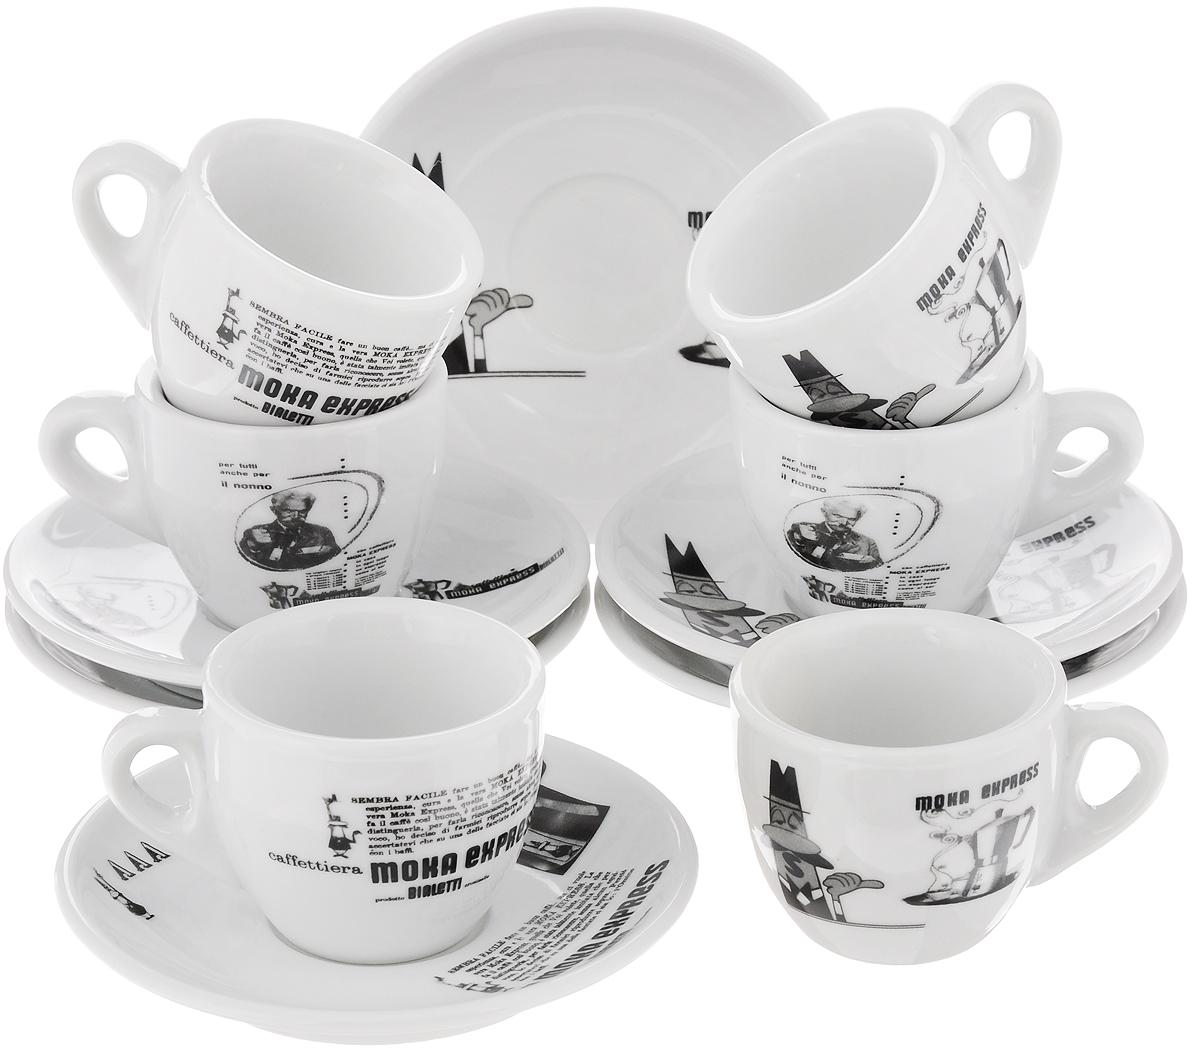 Кофейный набор Bialetti Carosello, 12 предметов133Кофейный набор Bialetti Carosello, изготовленный из высококачественной керамики, состоит из 6 чашек и 6 блюдец. Внешние стенки изделий выполнены в стиле ретро. Такой набор прекрасно подойдет как для повседневного использования, так и для праздников. Кофейный набор Bialetti Carosello - это не только яркий и полезный подарок для родных и близких, а также великолепное решение для вашей кухни или столовой. Можно мыть в посудомоечной машине. Объем чашки: 60 мл. Диаметр чашки (по верхнему краю): 6,5 см. Высота чашки: 5 см. Диаметр блюдца (по верхнему краю): 12 см. Высота блюдца: 1,5 см.